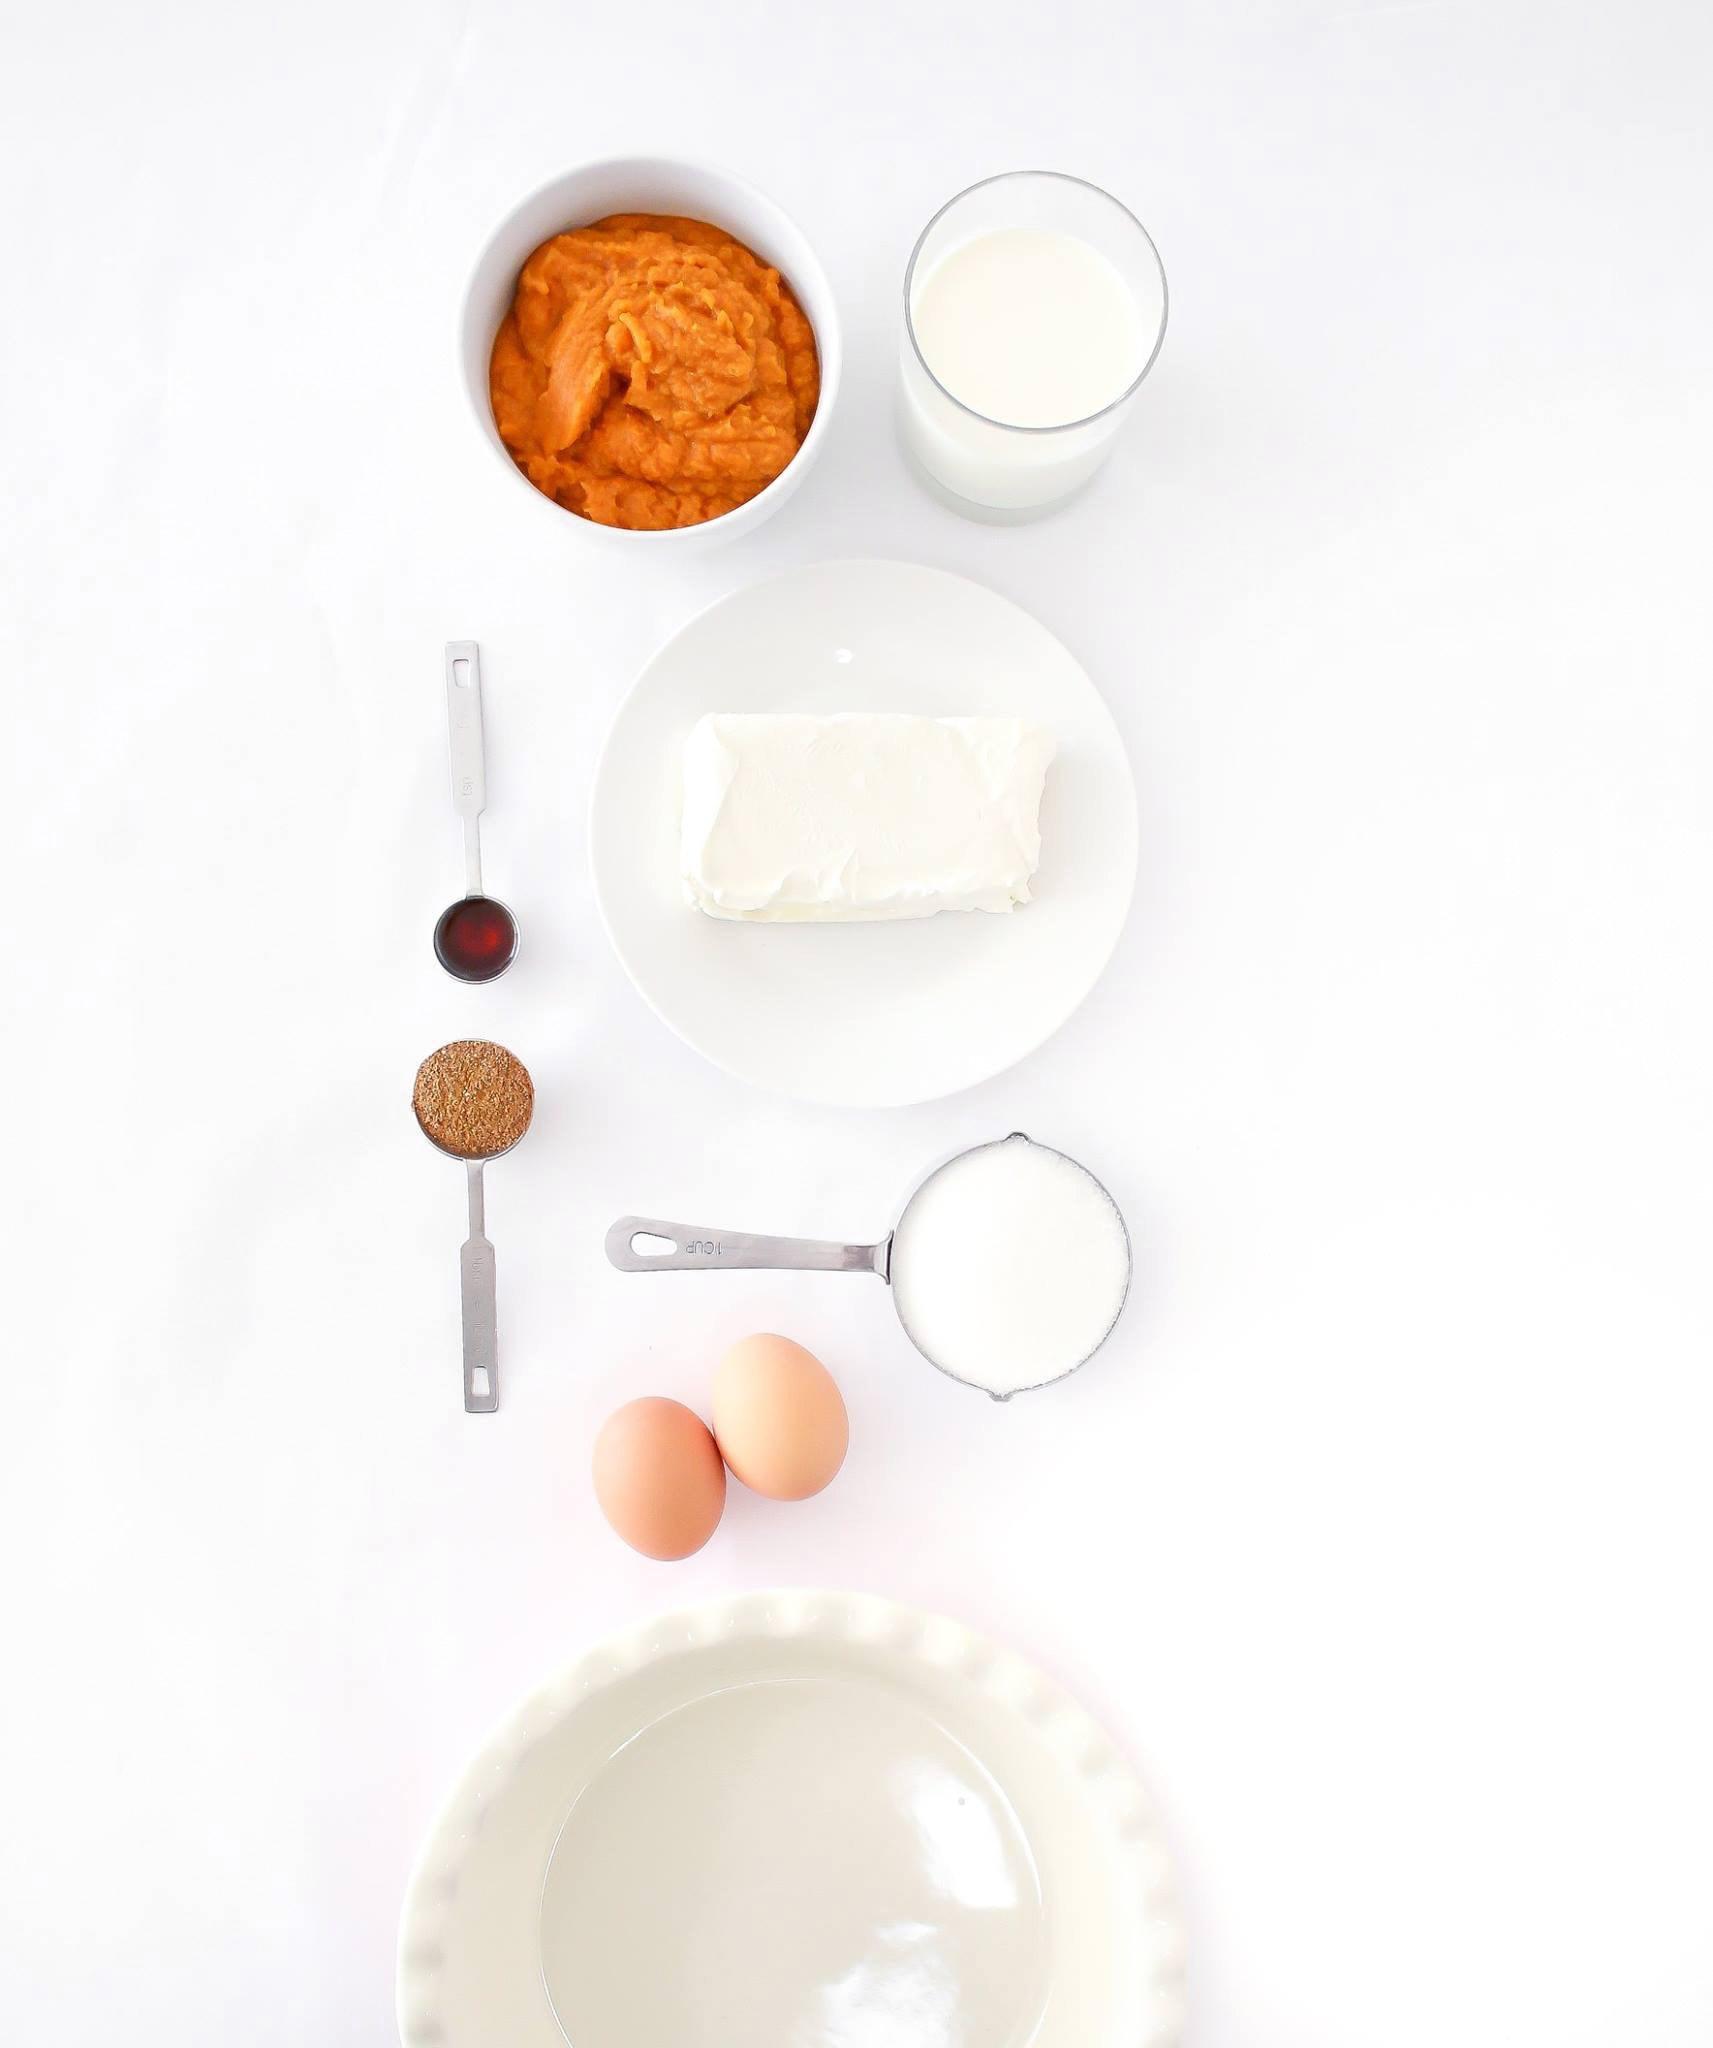 Pumpkin Butter. Pumpkin Pie. Pumpkin Spice Latte. Pumpkin